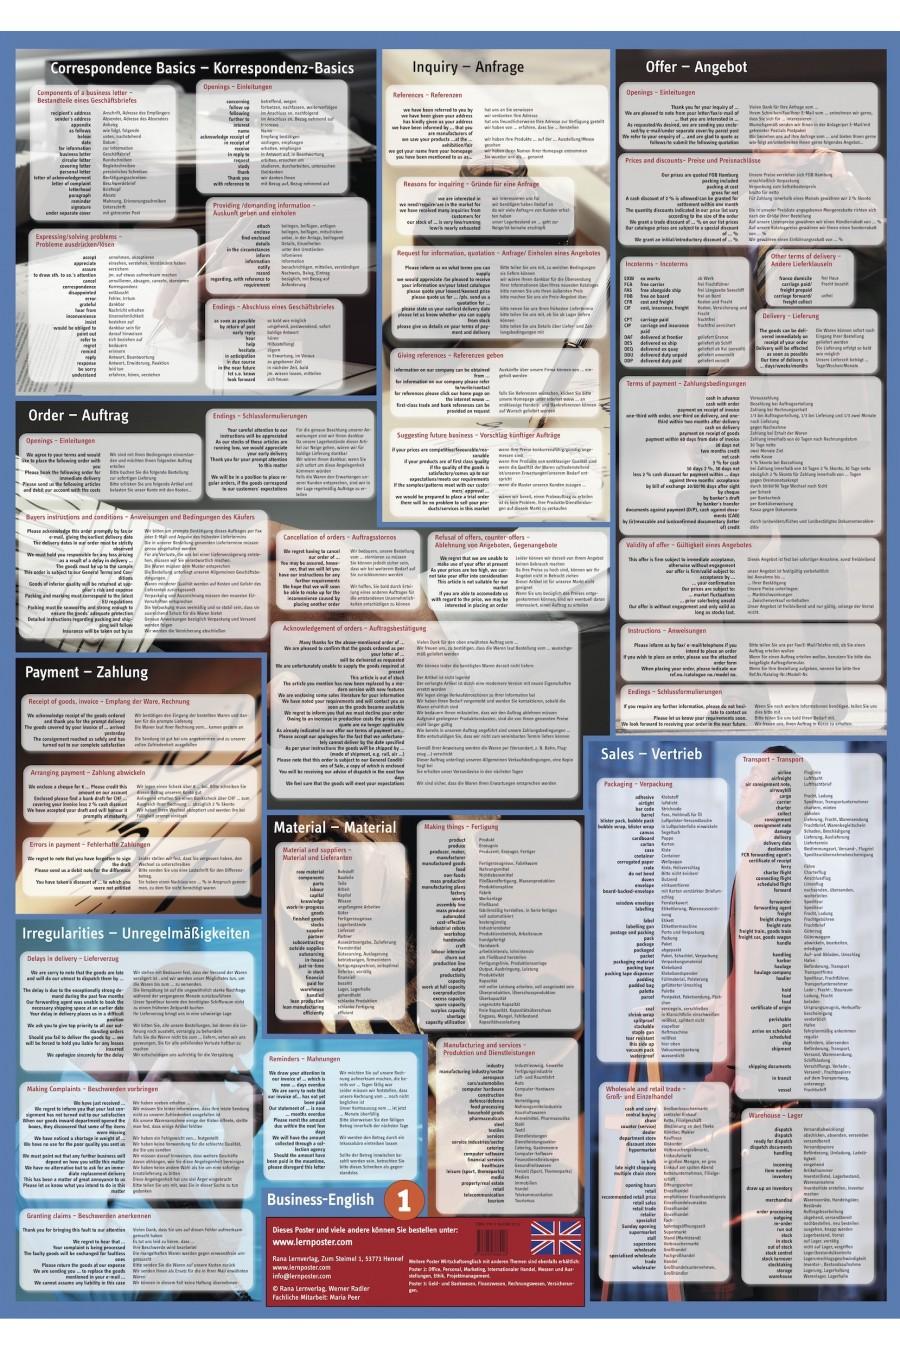 Englisch Deutsch Vokabeln Poster Lernhilfe Vokabelposter Business Englisch Poster leichter lernen mit lernposter lernplakat